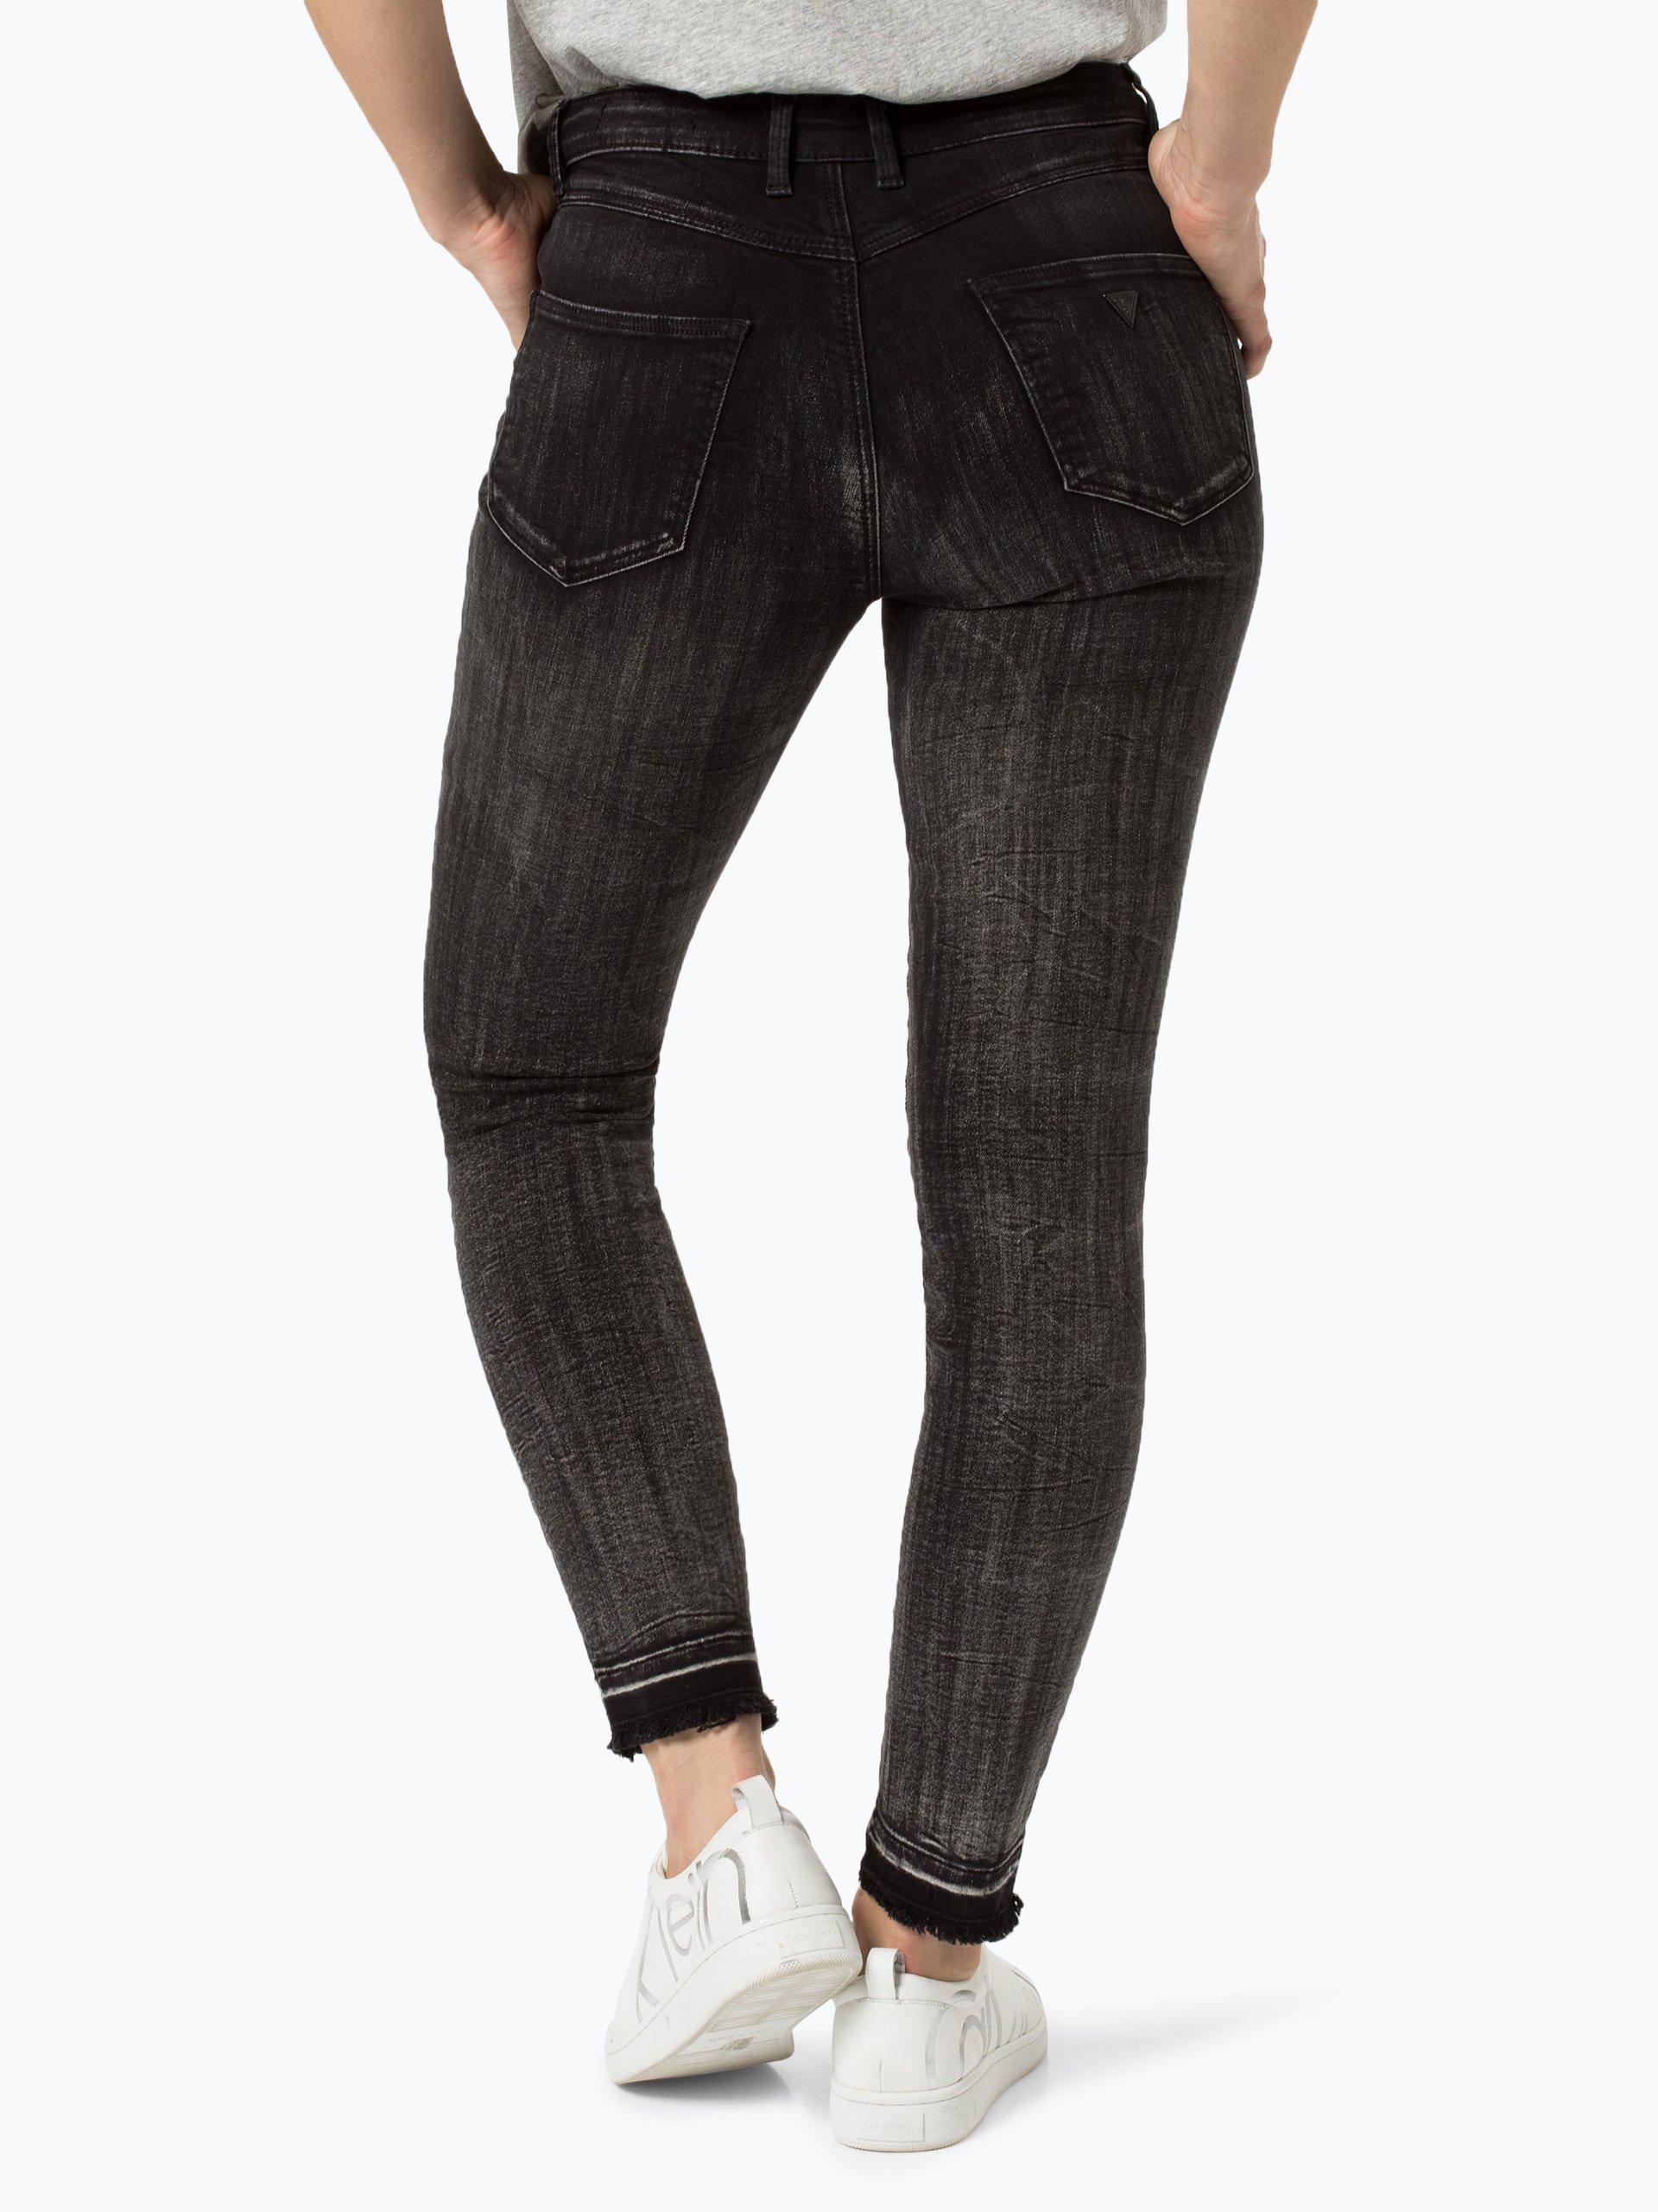 guess jeans damen jeans grau uni online kaufen vangraaf com. Black Bedroom Furniture Sets. Home Design Ideas